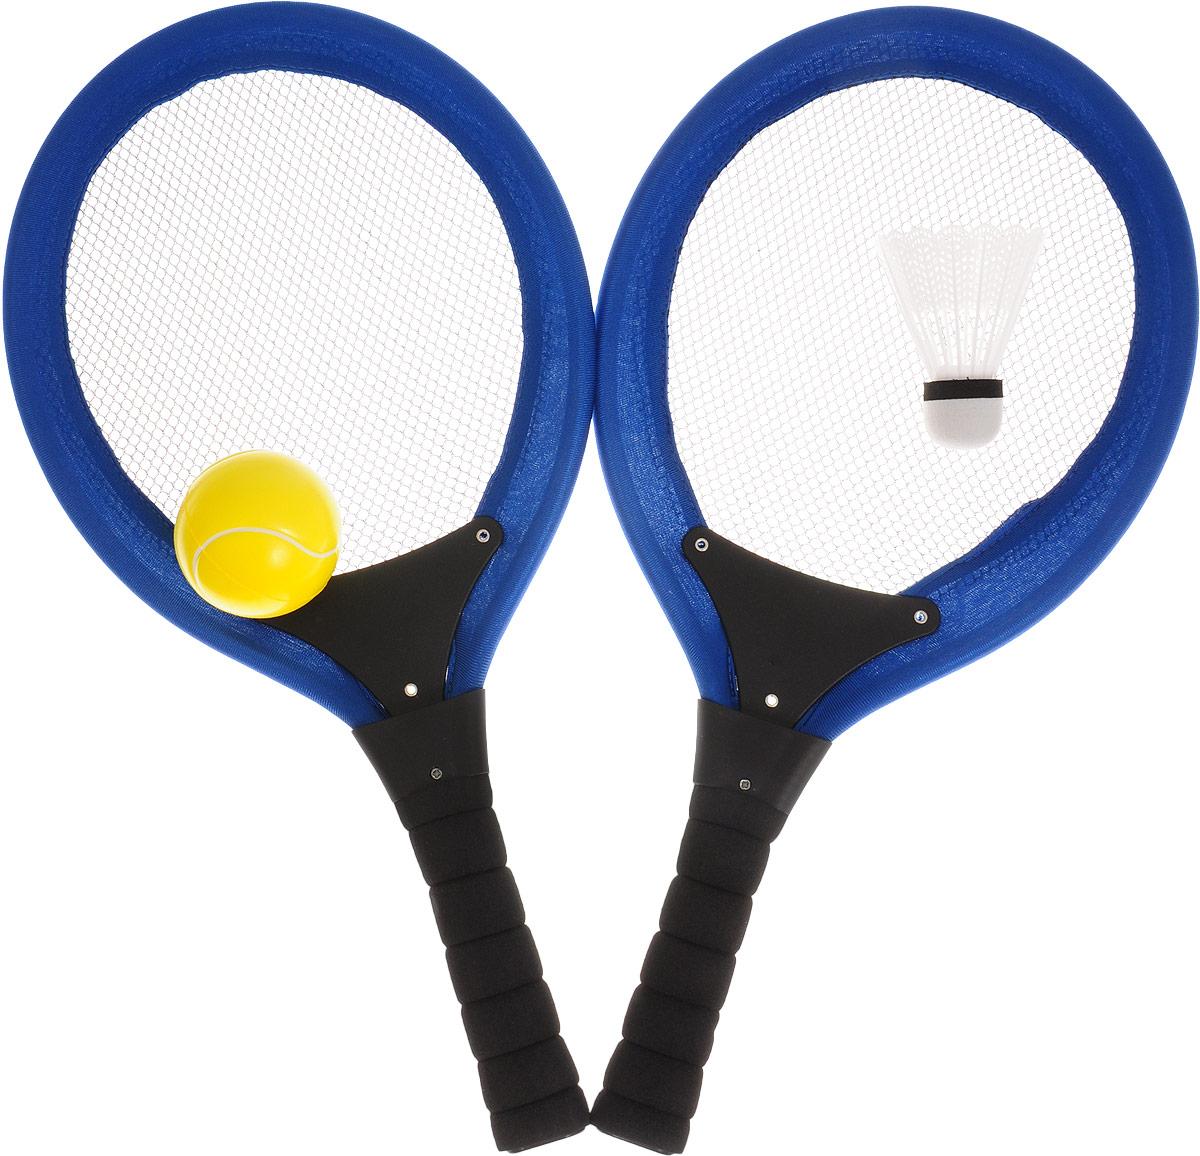 Abtoys Игровой набор Бадминтон и теннис цвет синий черный желтый